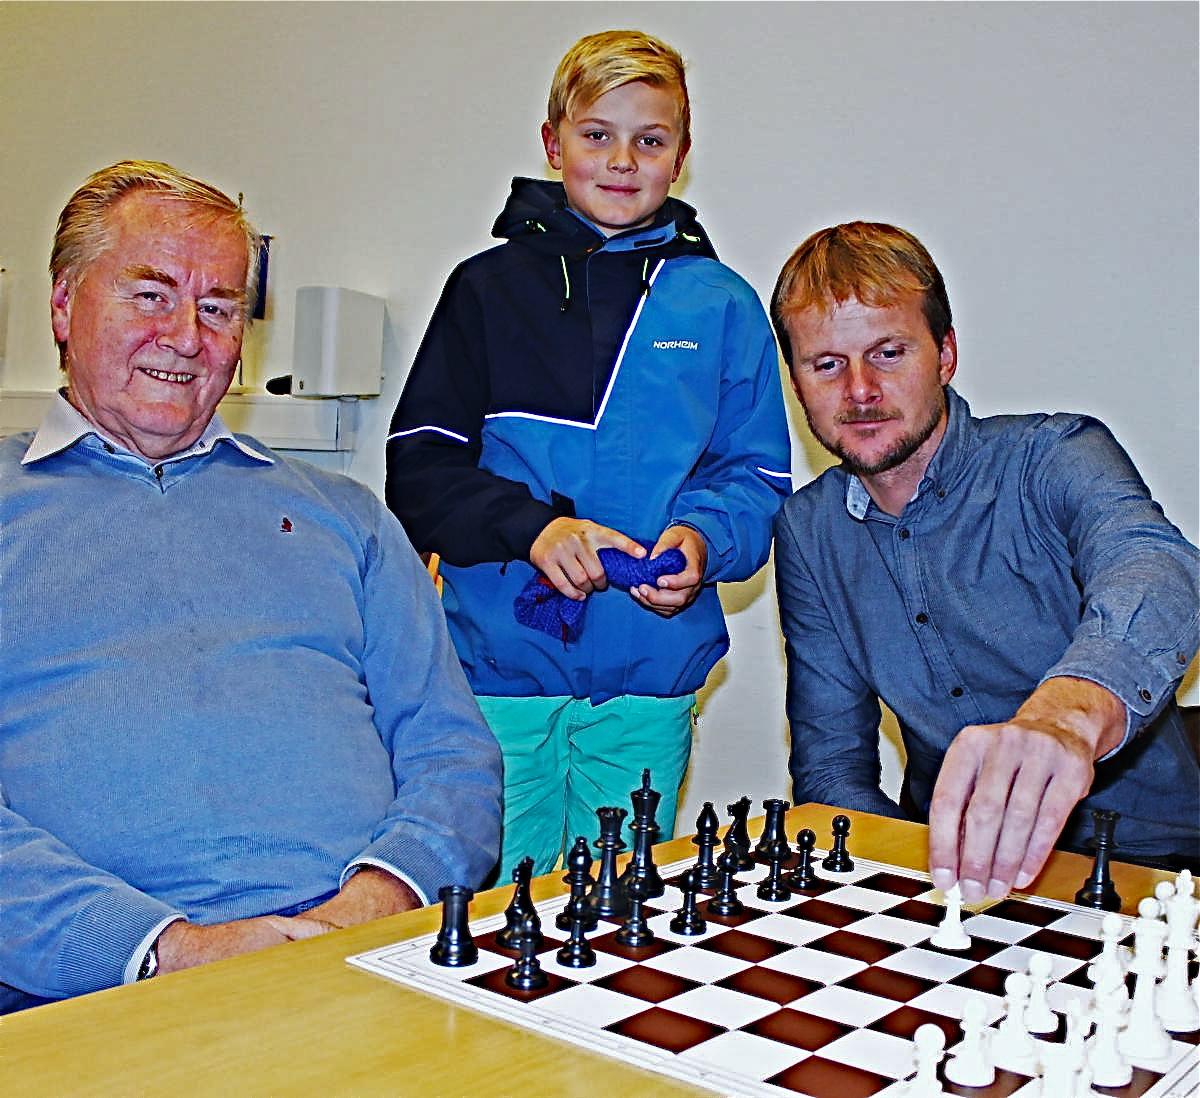 I kjølvatnet av Festidalen er det no skipa ein sjakk-klubb for dette distriktet. Klubben heiter Folgefonn sjakklubb og der deltek blant andre desse tre generasjonane frå same familie: Haldor Tveit (68), Bjørn Olav Tveit (42) og Viljar Tveit(11). (Foto: Ola Matti Mathisen)